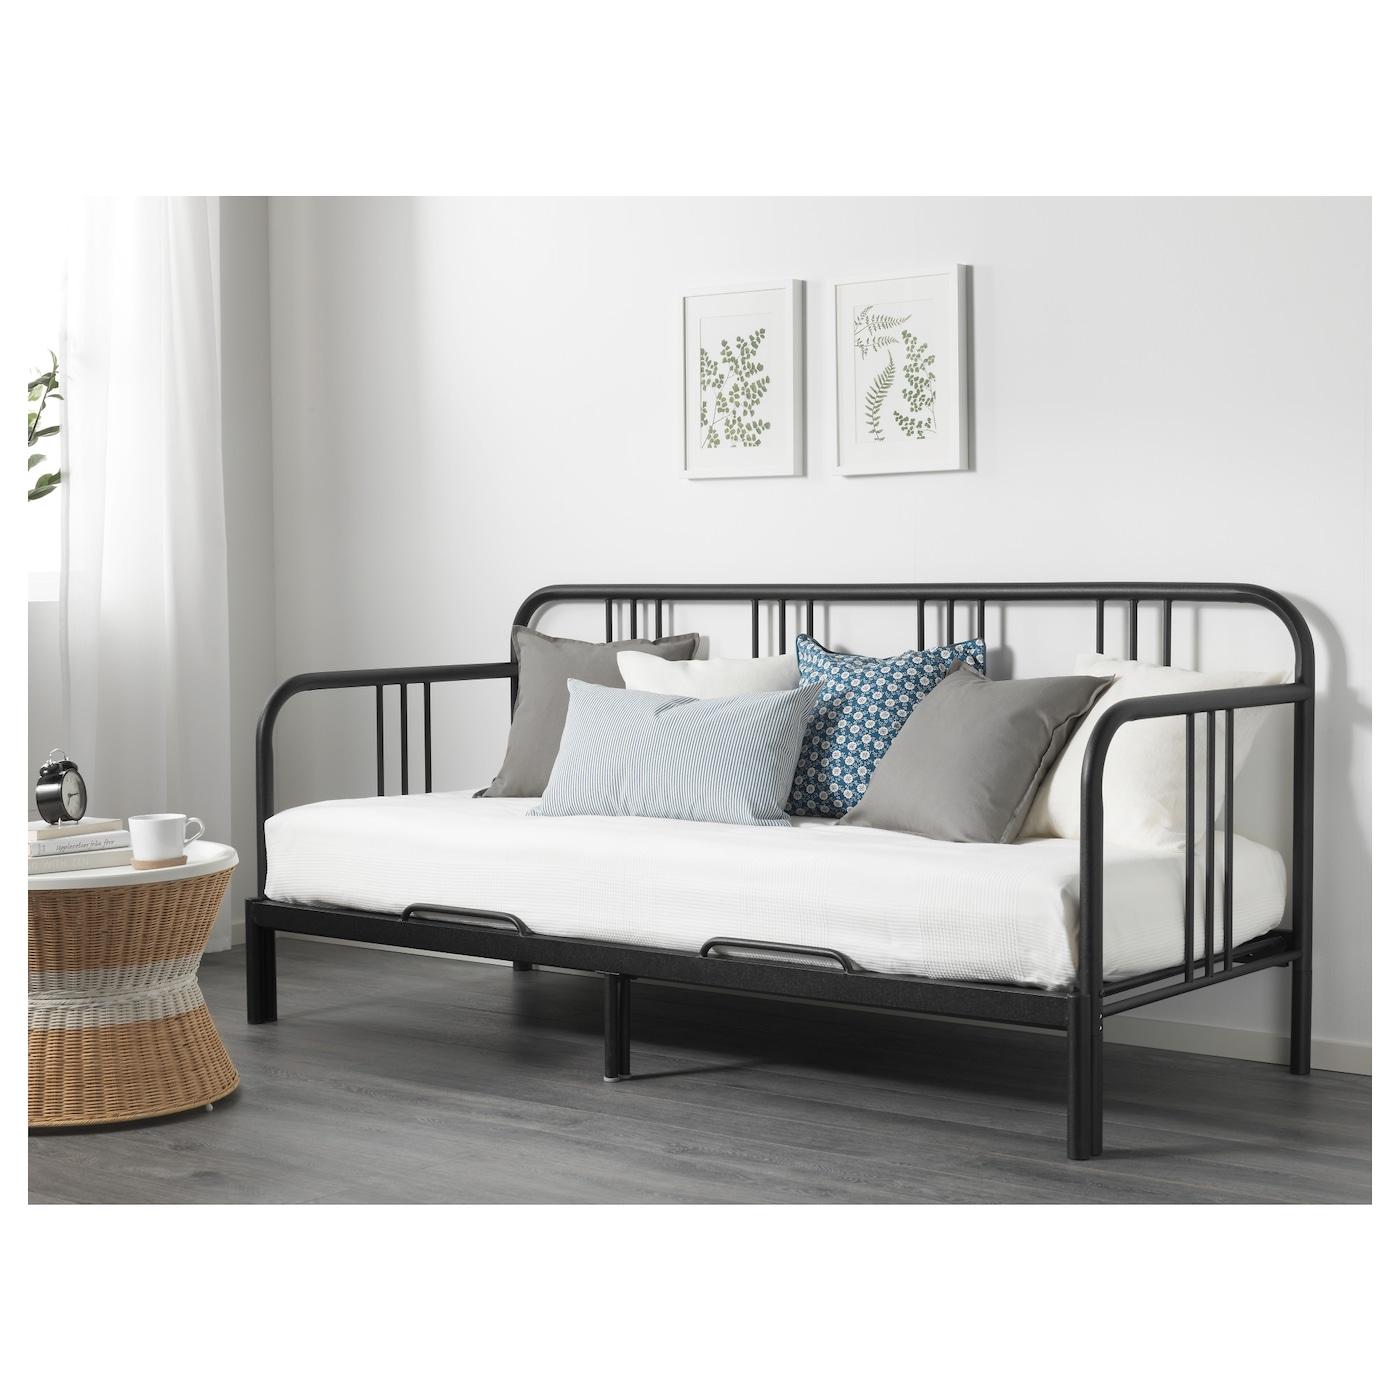 fyresdal lit banquette 2 places structure noir 80 x 200. Black Bedroom Furniture Sets. Home Design Ideas